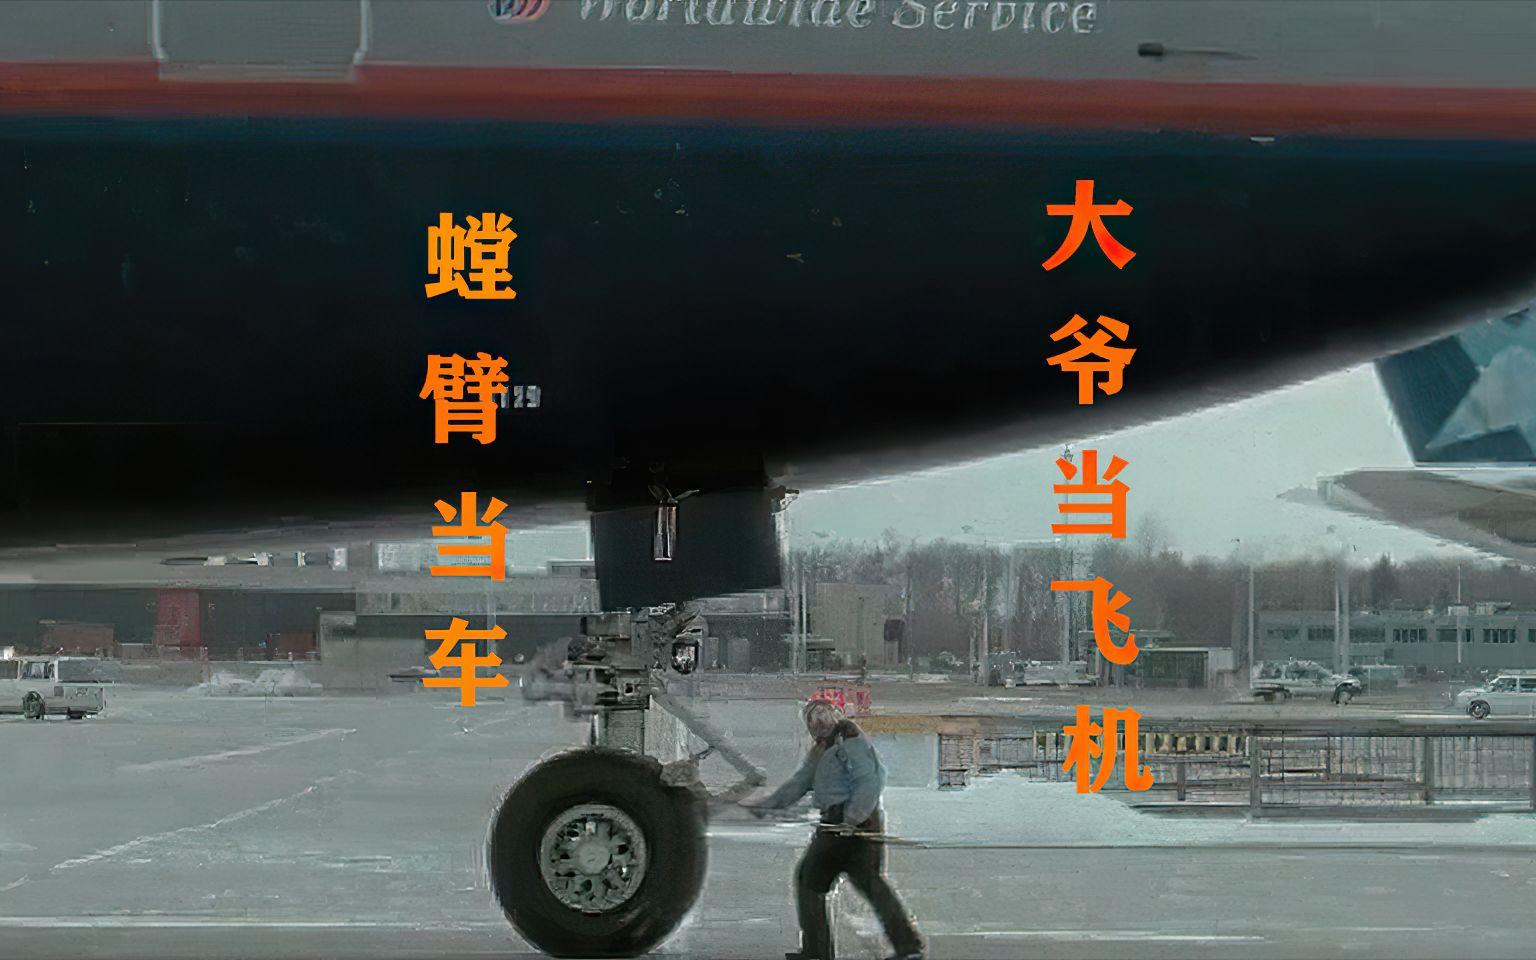 刚下飞机国家就没了!身无分文,语言不通,却成了机场英雄!